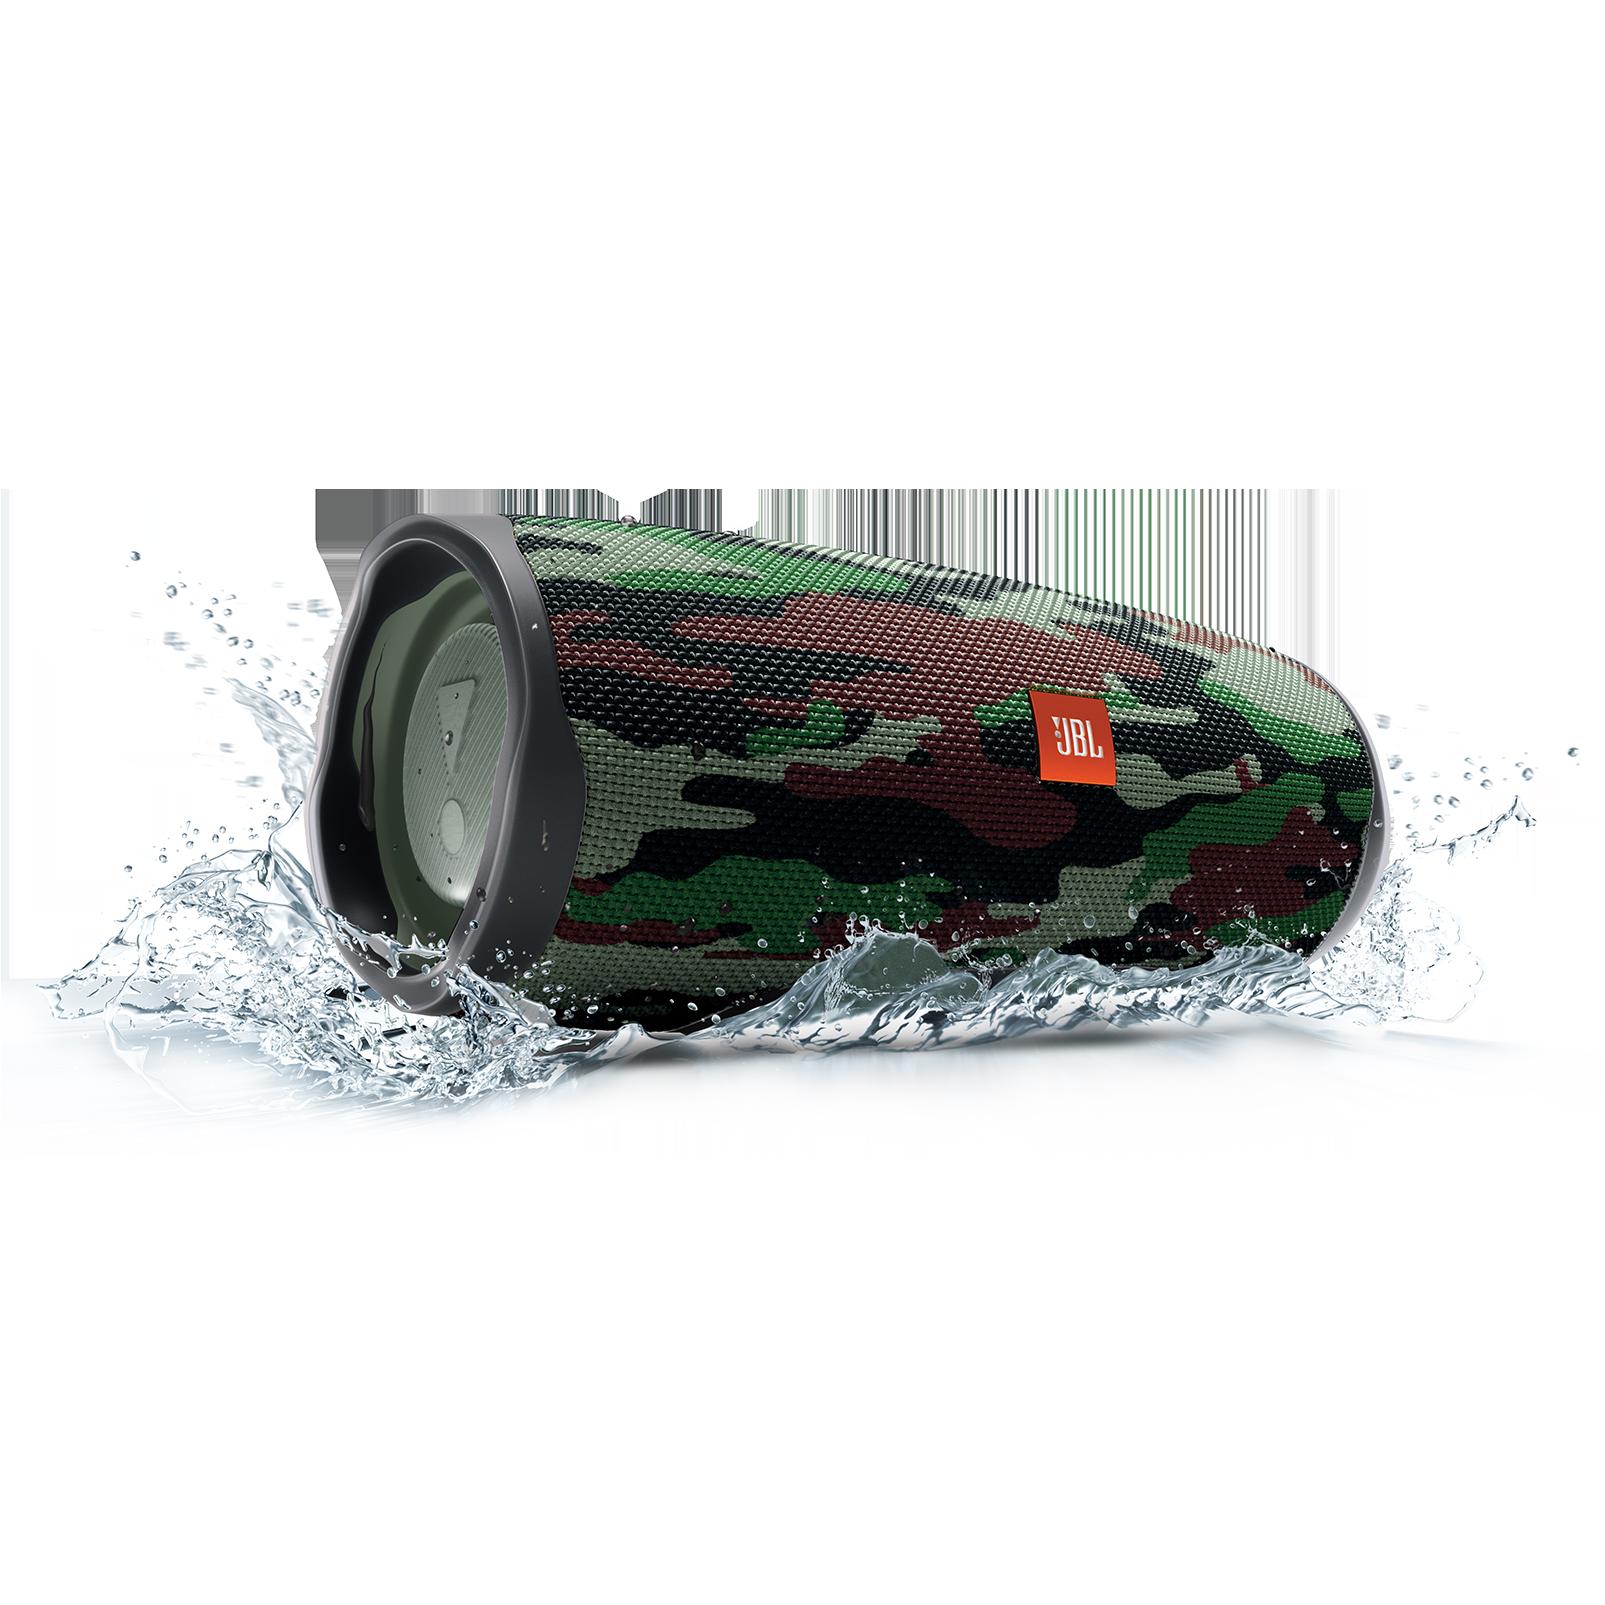 JBL Charge 4 - Squad - Portable Bluetooth speaker - Detailshot 5